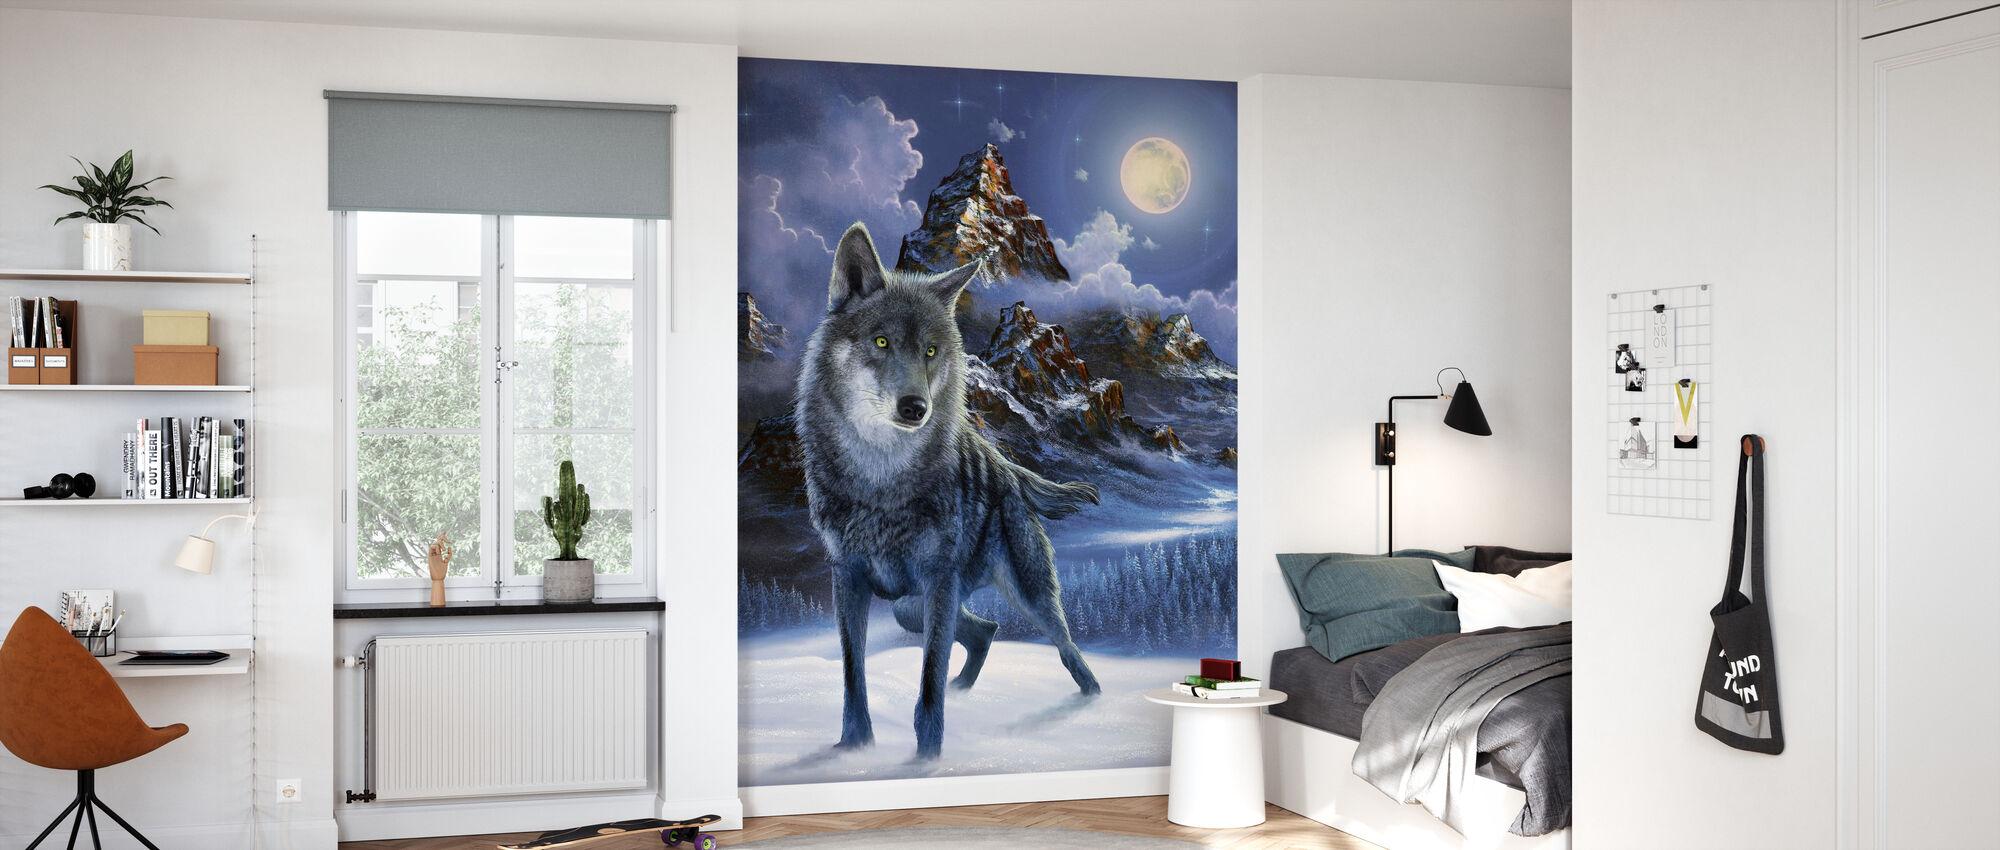 Midnatt ulv - Tapet - Barnerom